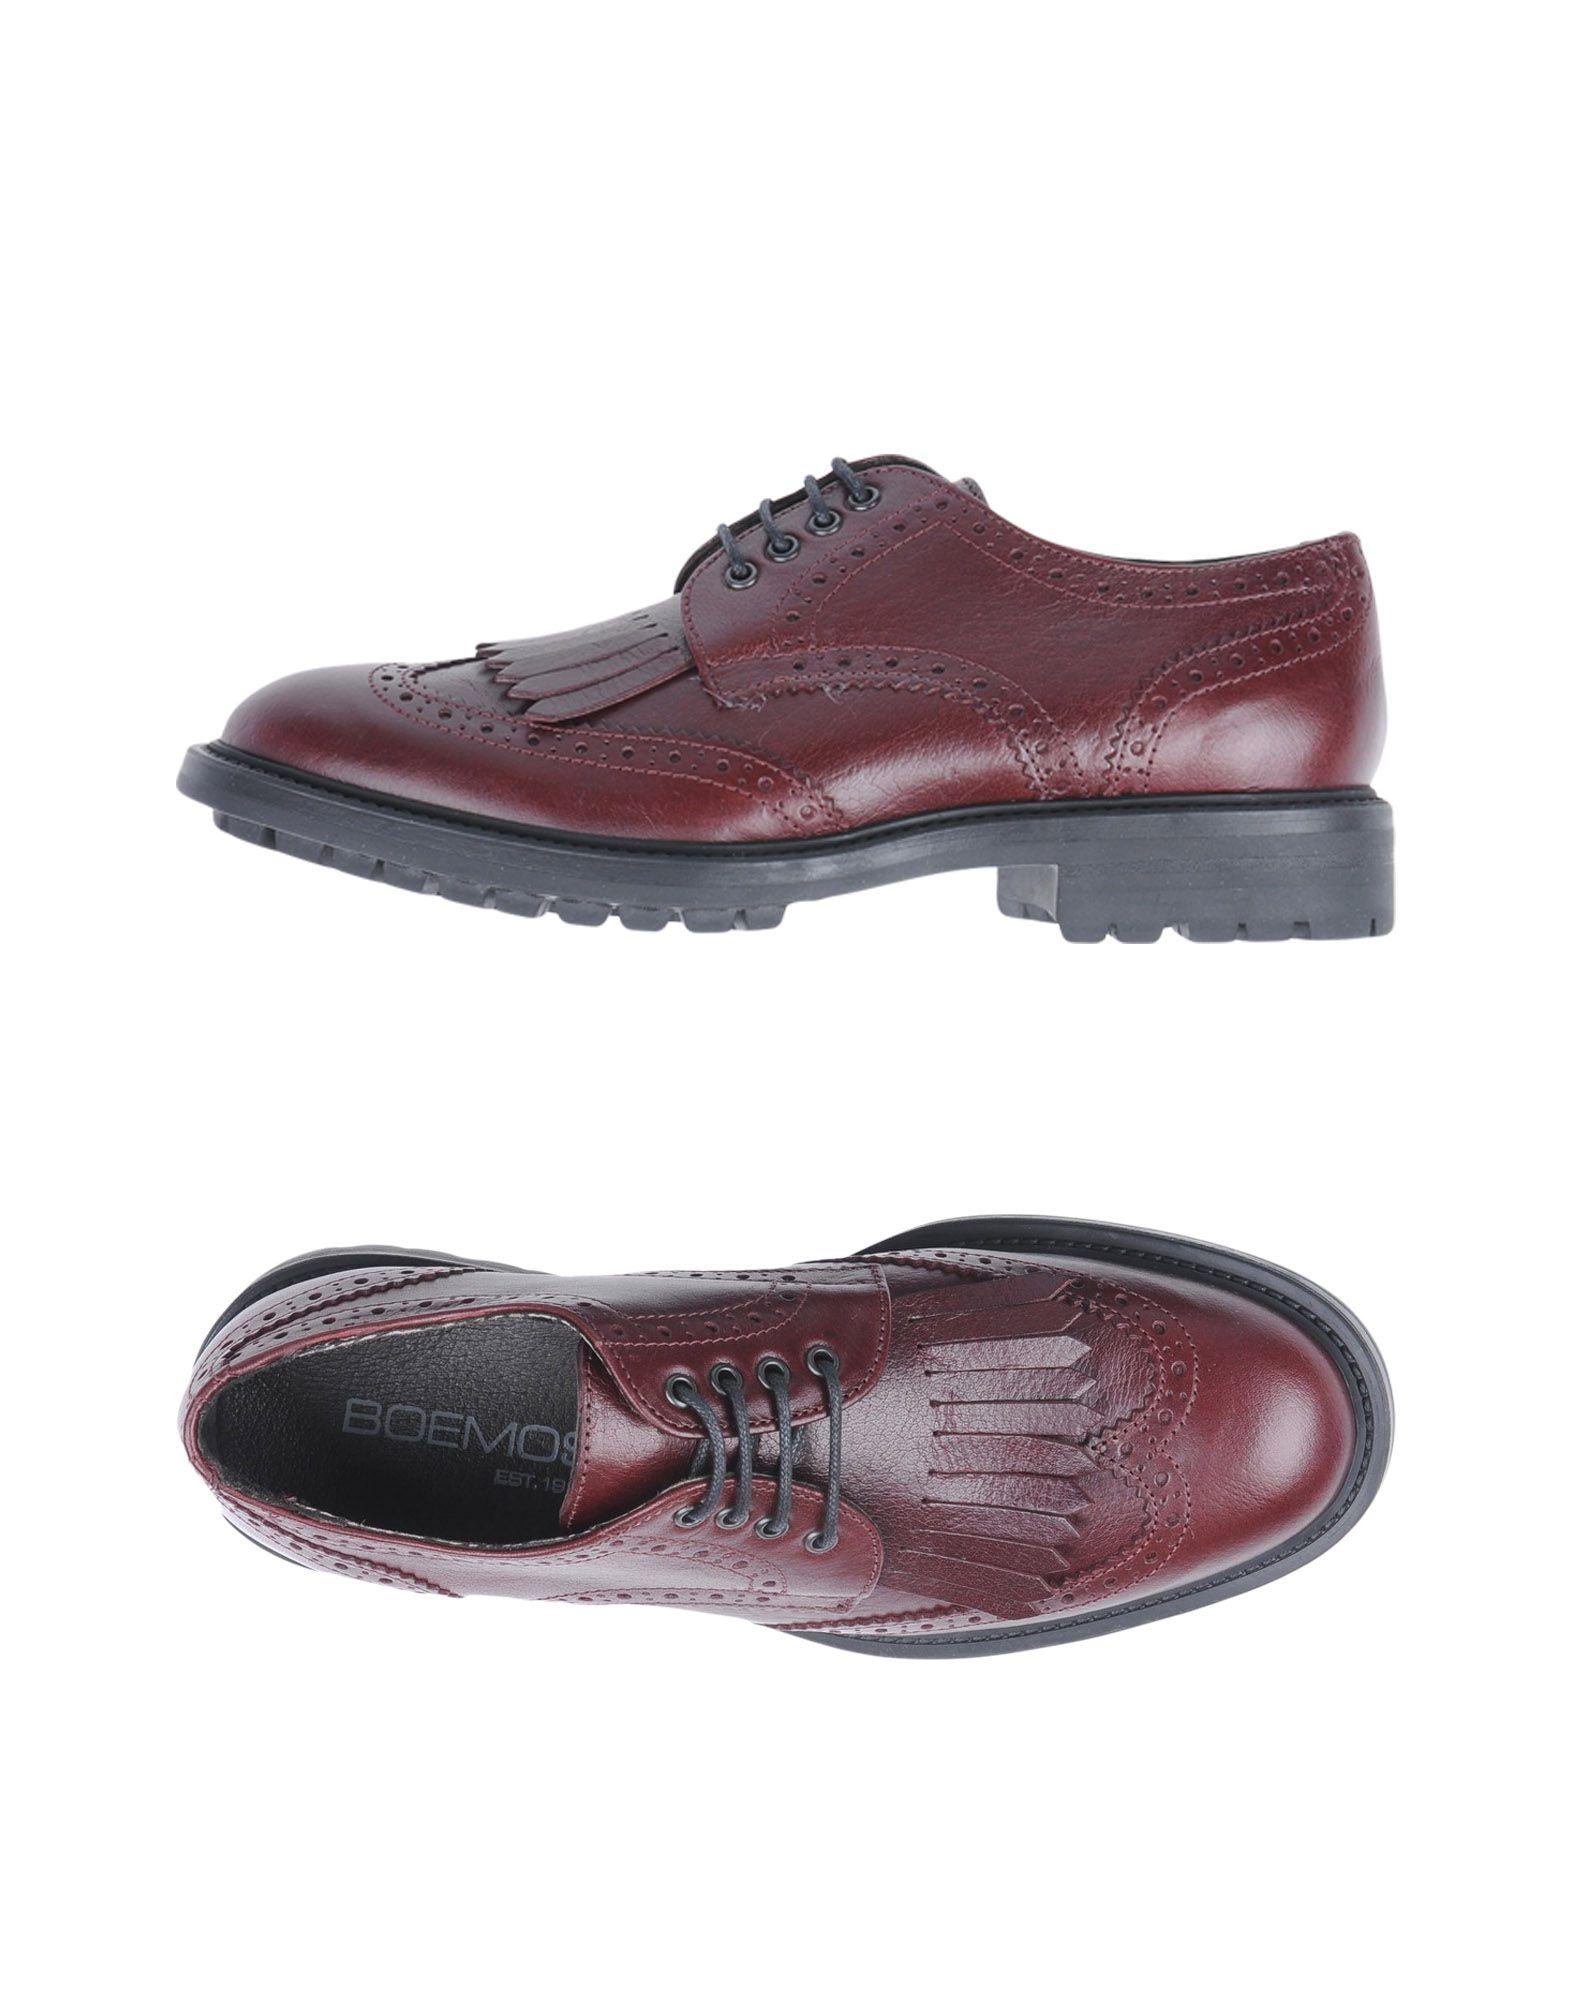 Boemos Schnürschuhe Damen  11350846OW Gute Qualität beliebte Schuhe